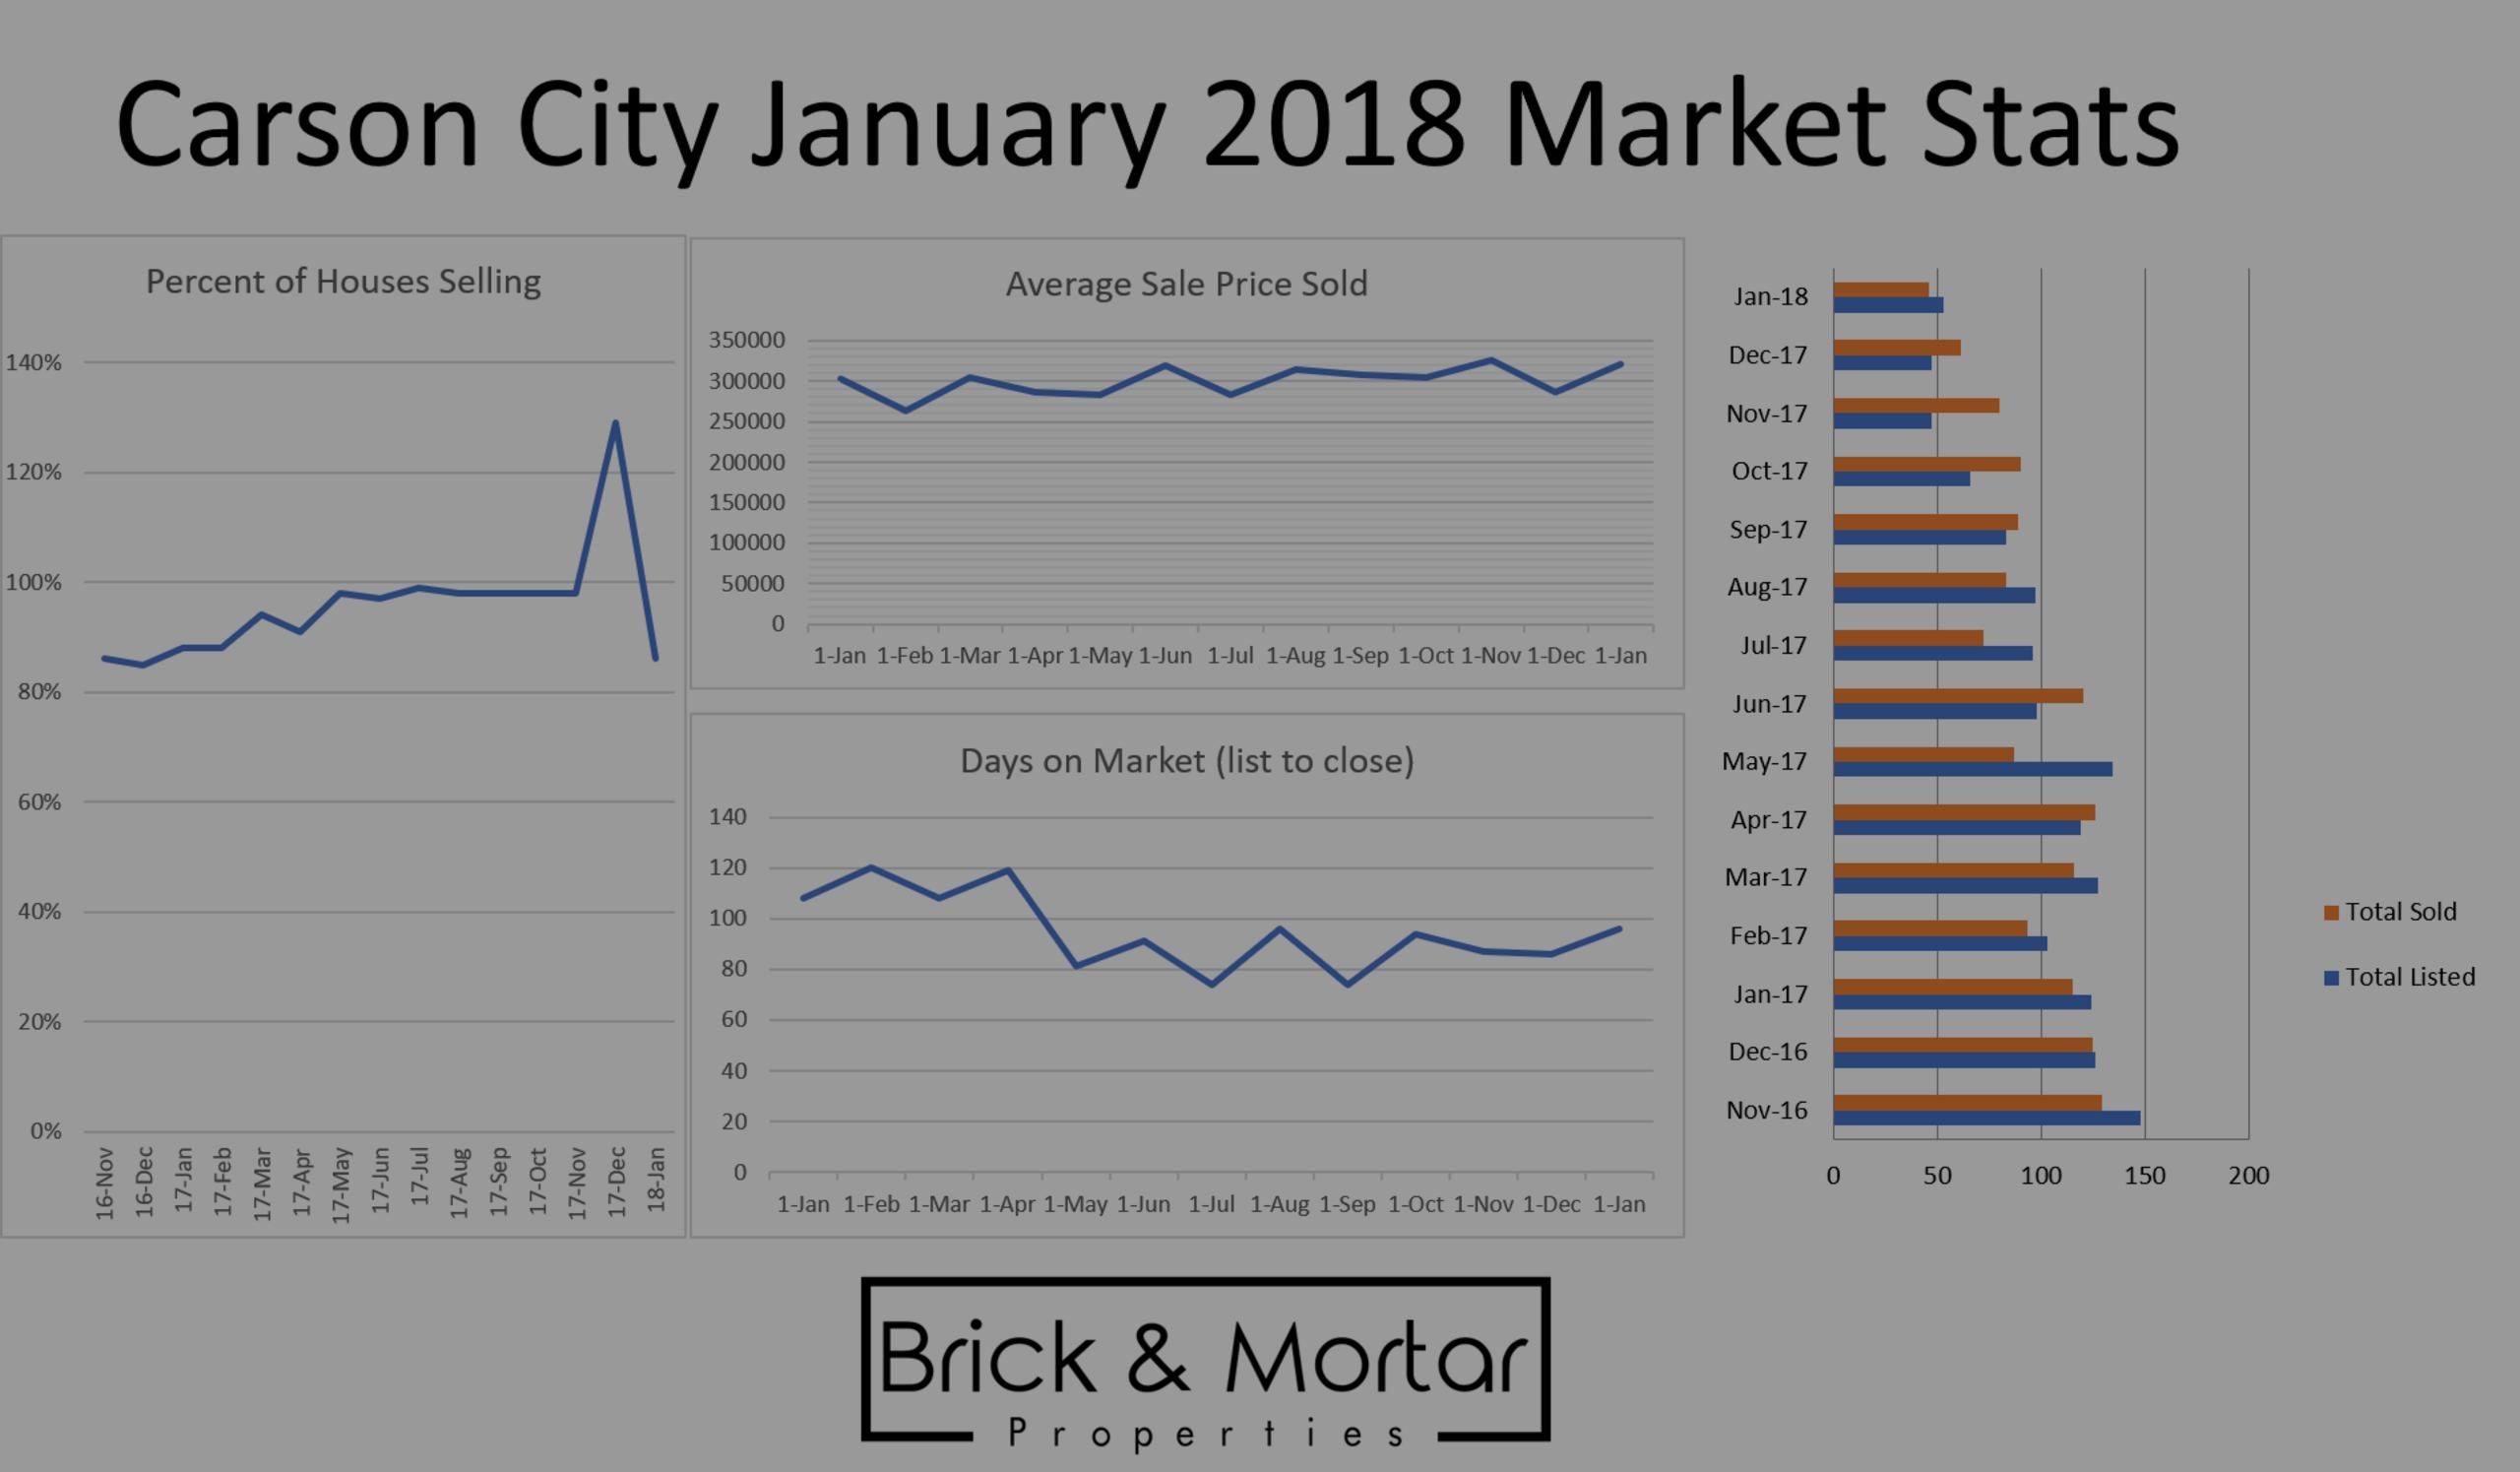 January 2018 Carson City Market Stats